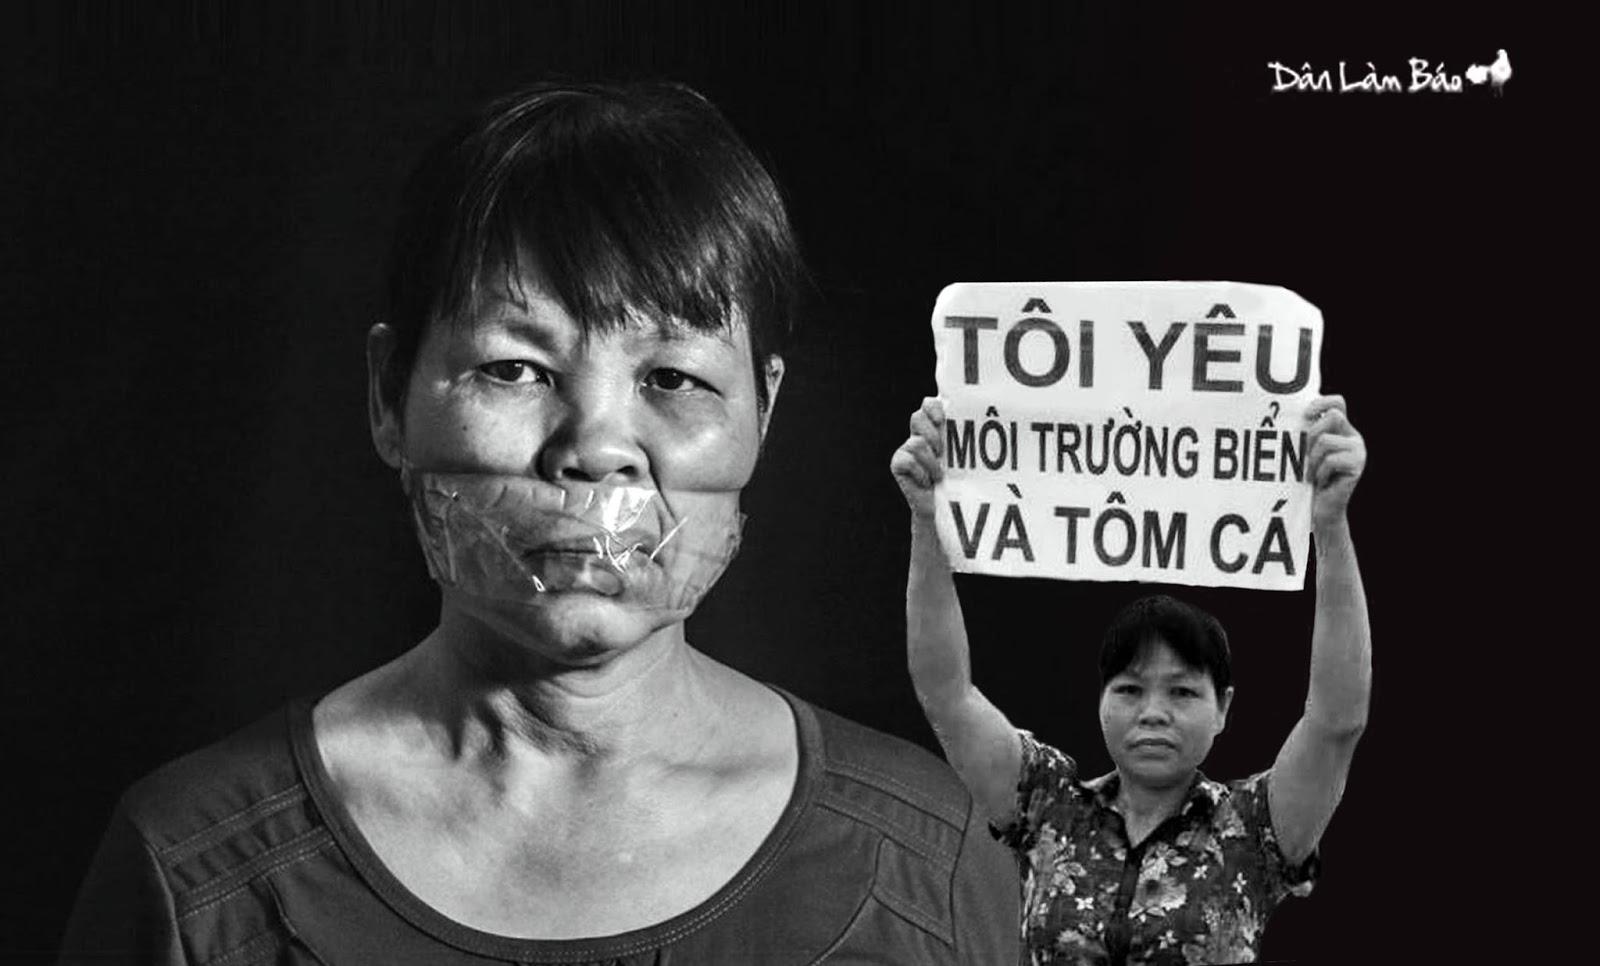 Chính phủ Úc đòi thả Nguyễn Ngọc Như Quỳnh, Nguyễn Văn Đài và Cấn Thị Thêu